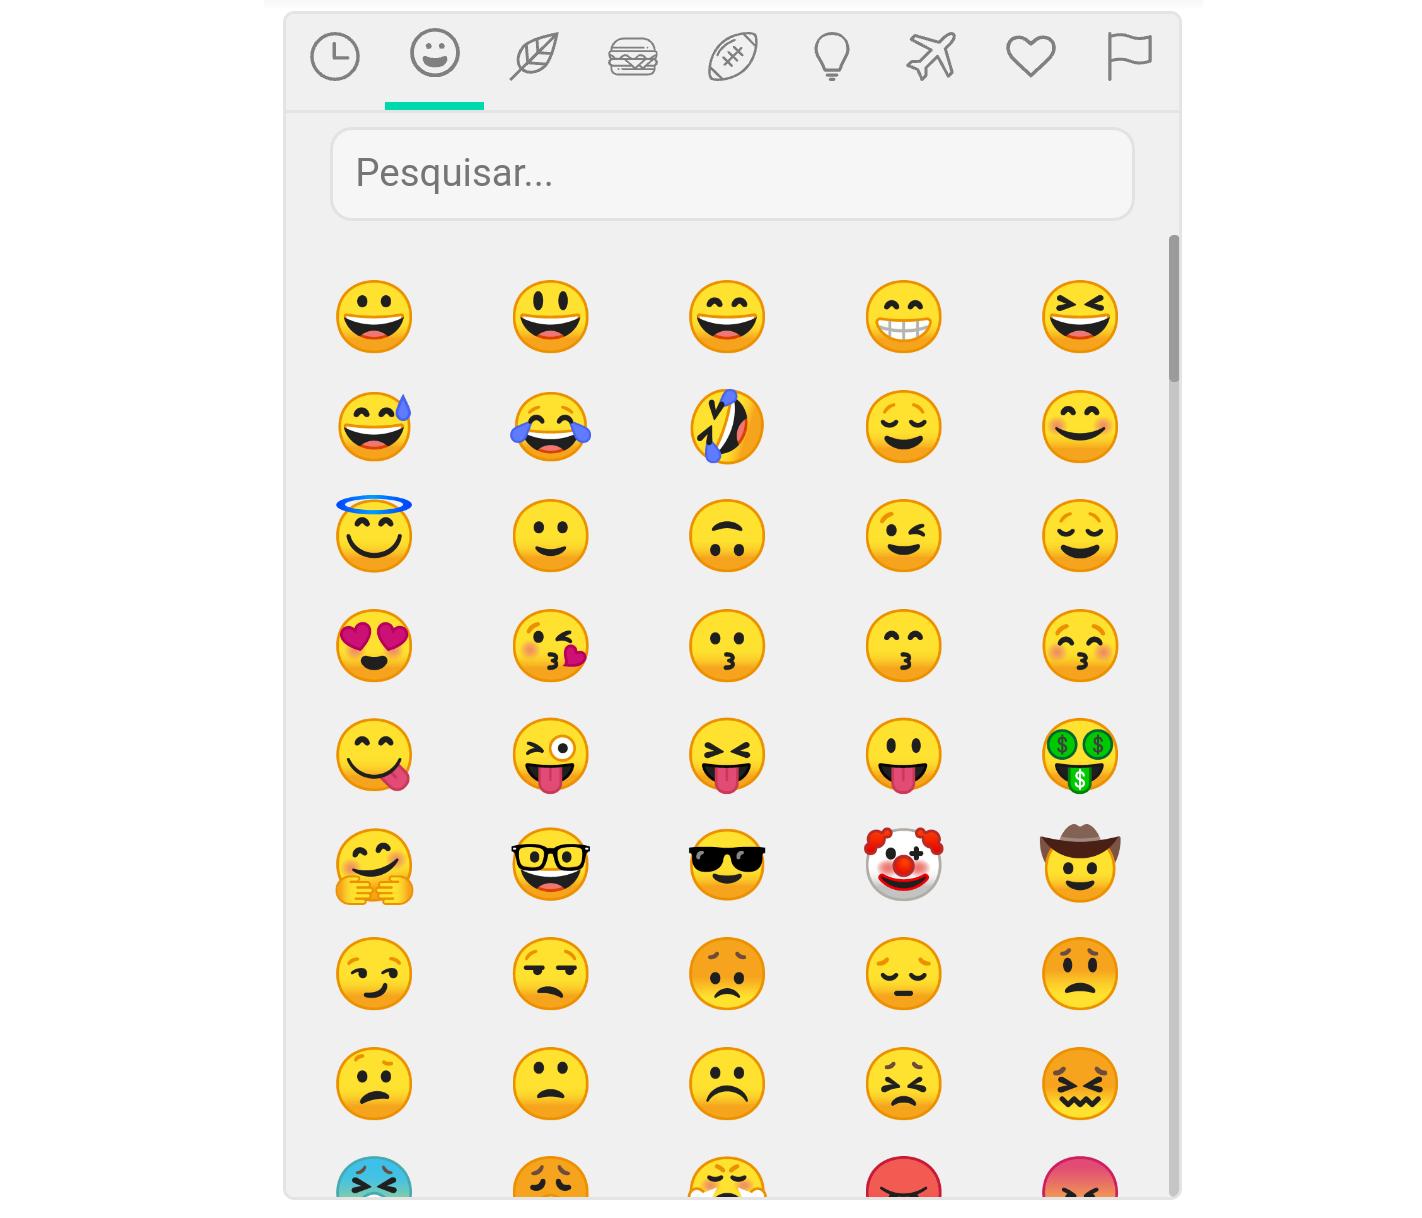 v-emoji-picker - npm